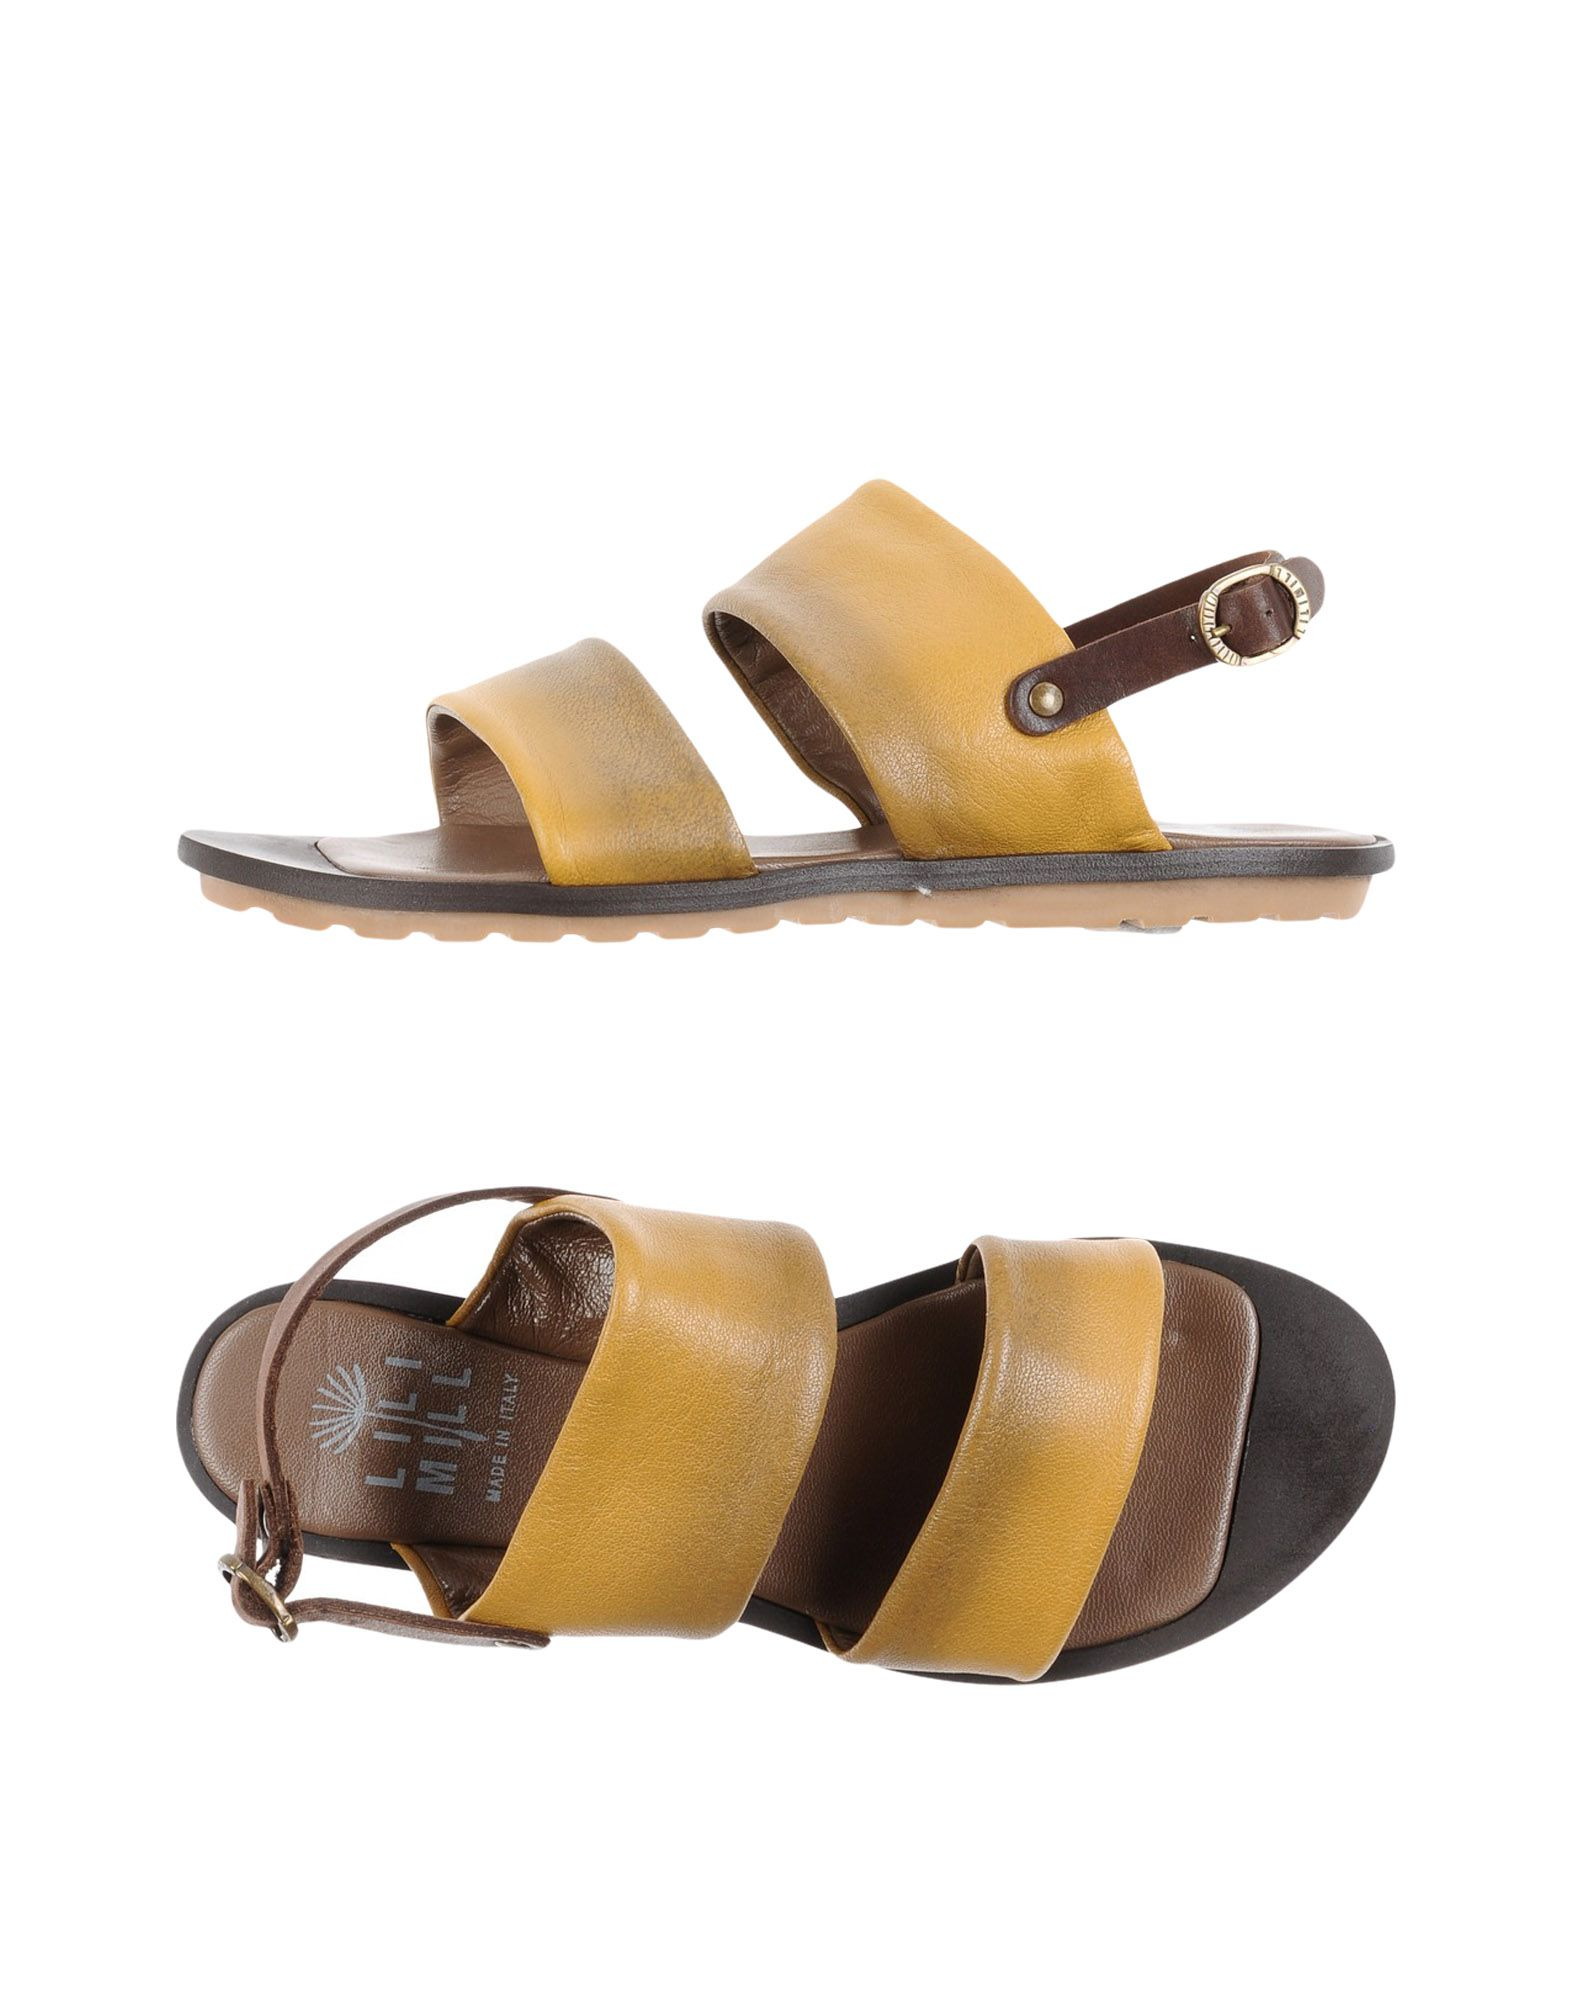 Sandales Lilimill Femme - Sandales Lilimill sur